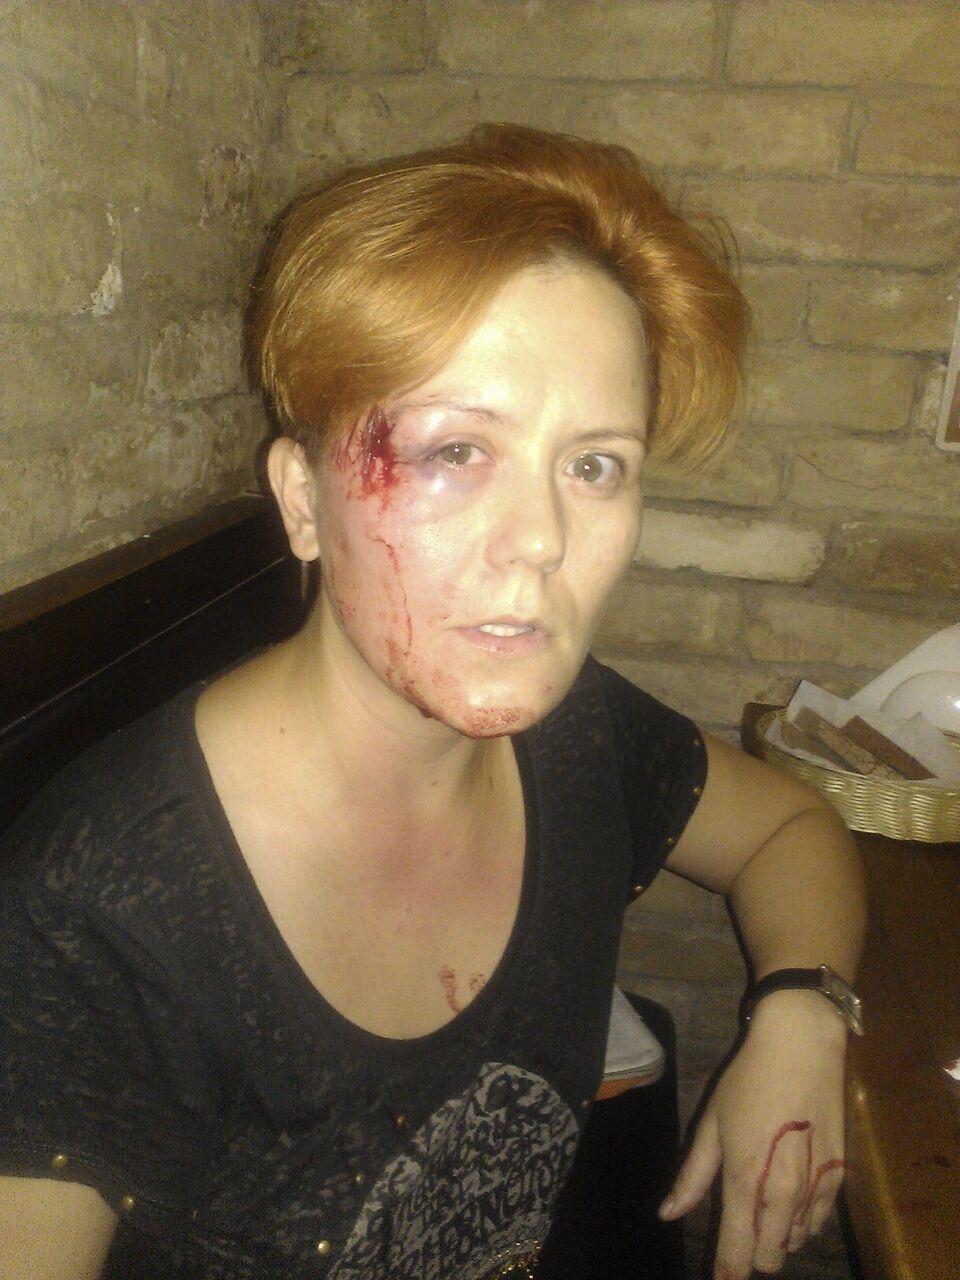 Лідера FEMEN побили в київському кафе і відібрали ноутбук